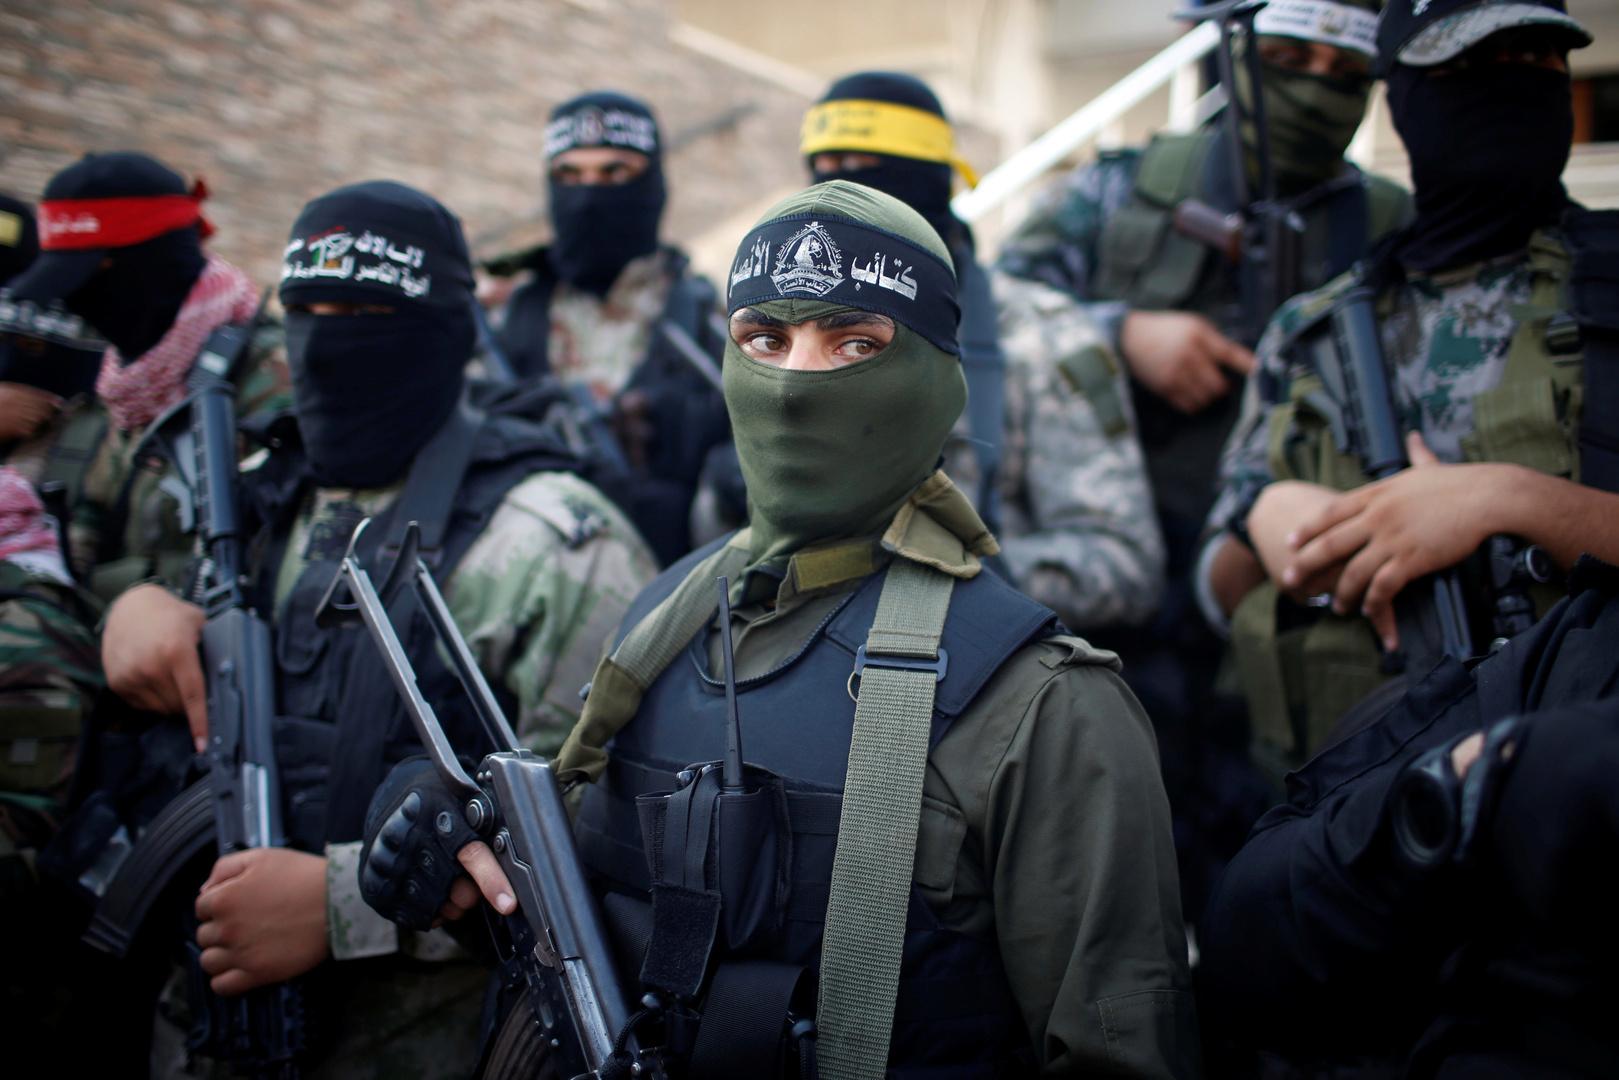 كتائب الناصر صلاح الدين: تهديدات العدو بحرب برية على قطاع غزة لن نقابلها إلا بالحديد والنار